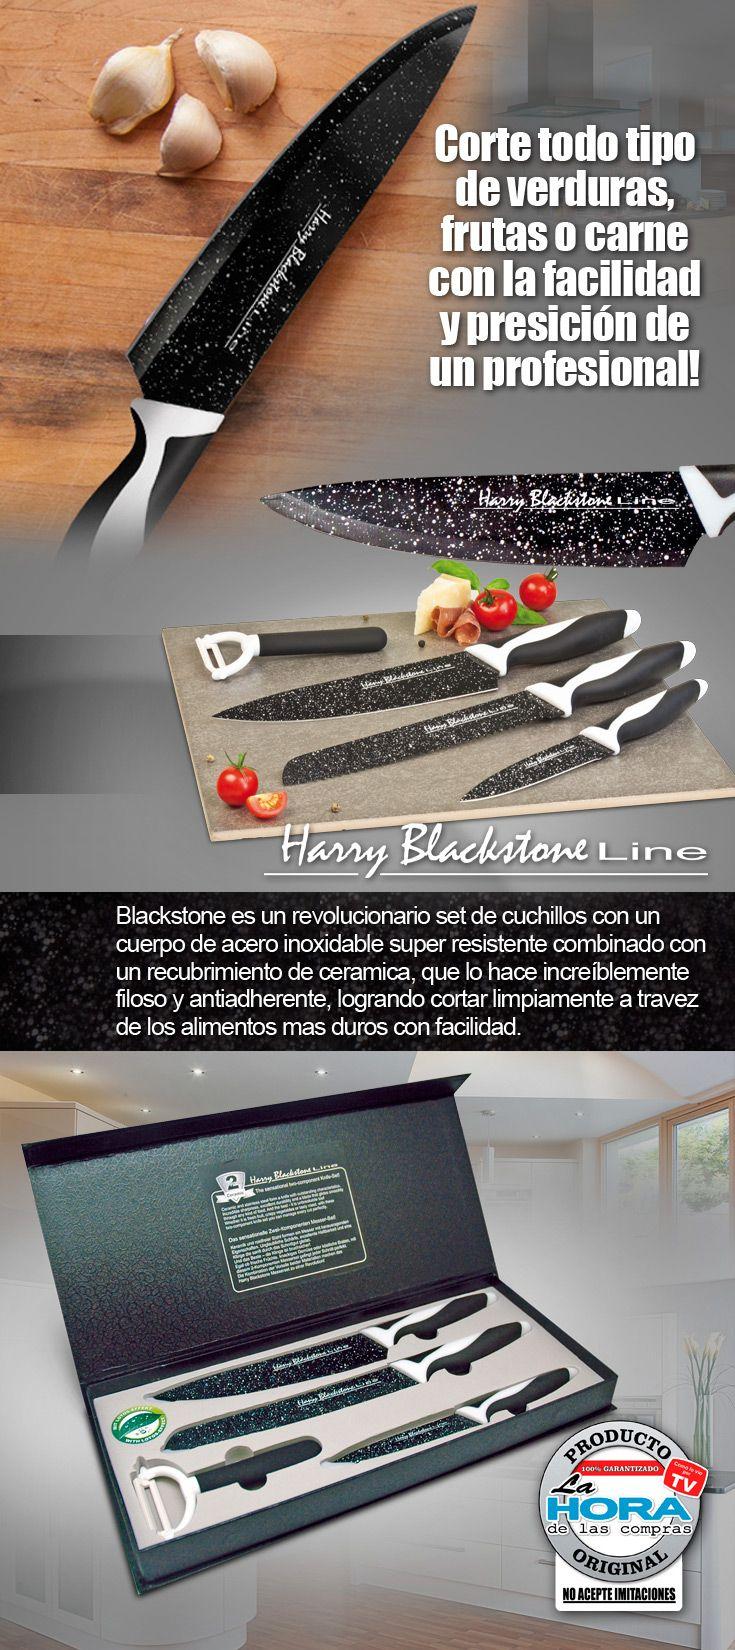 Los cuchillos de la serie Harry Blackstone Line afiladas ofrecen un rendimiento de corte profesional.